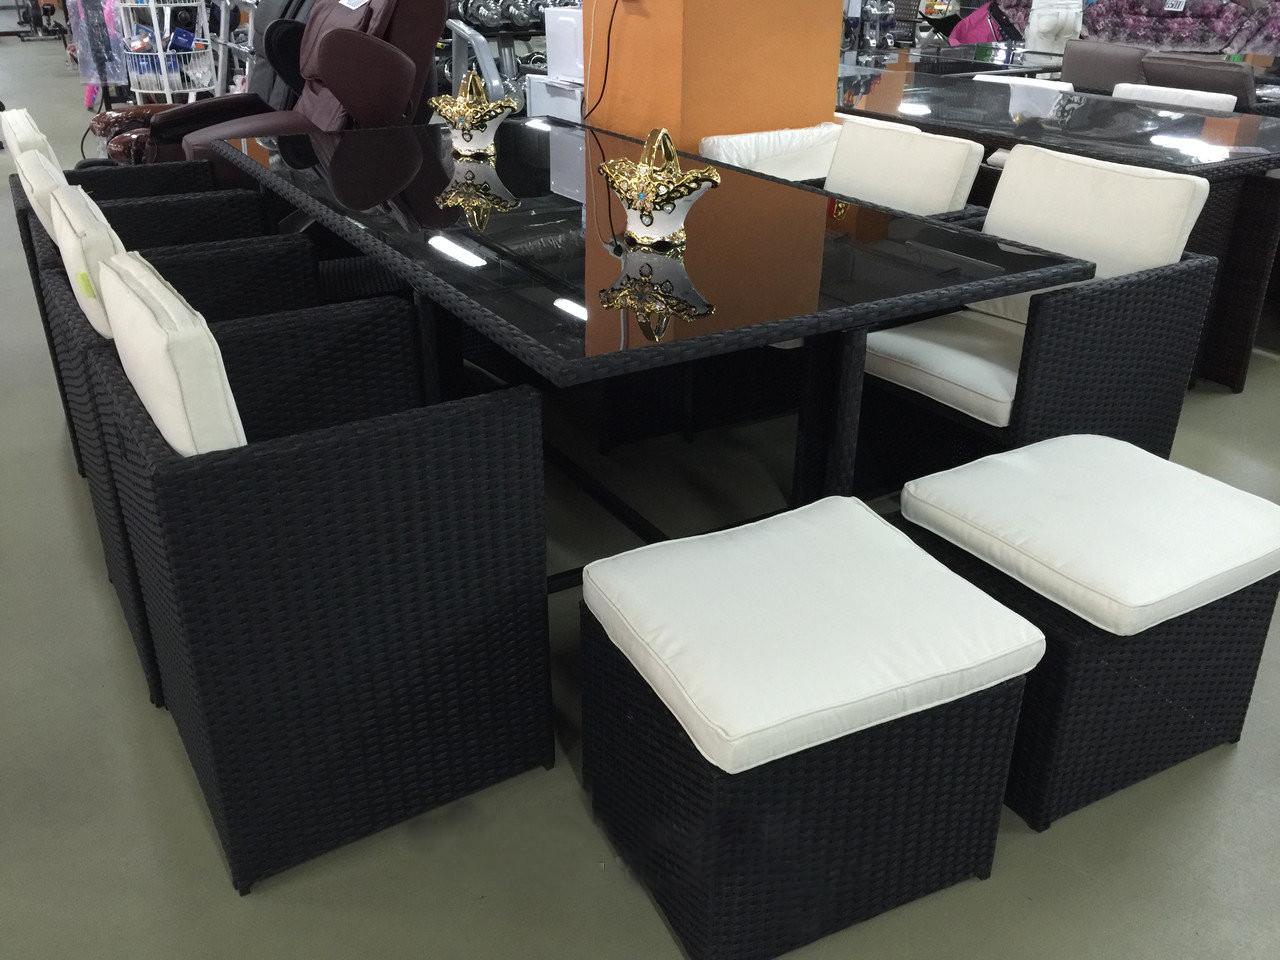 Комплект мебели из искусственного ротанга. Набор мебели, стол + 8 кресел + 4 пуфа ВОРСЛЕЯ